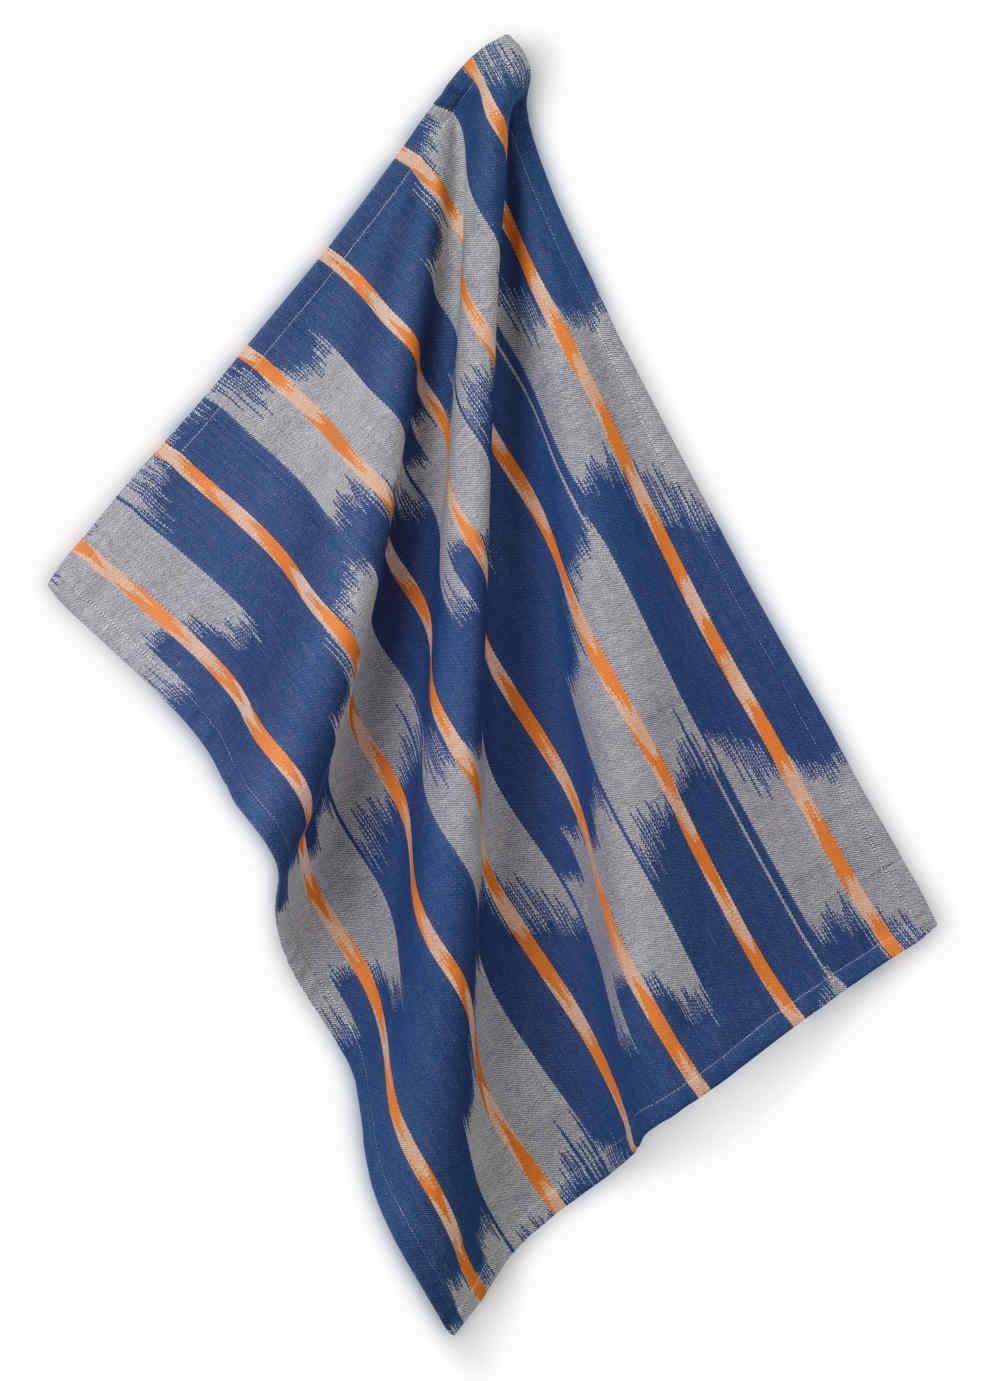 Utěrka ETHNO 100% bavlna, modrá, 50x70cm KELA KL-12446